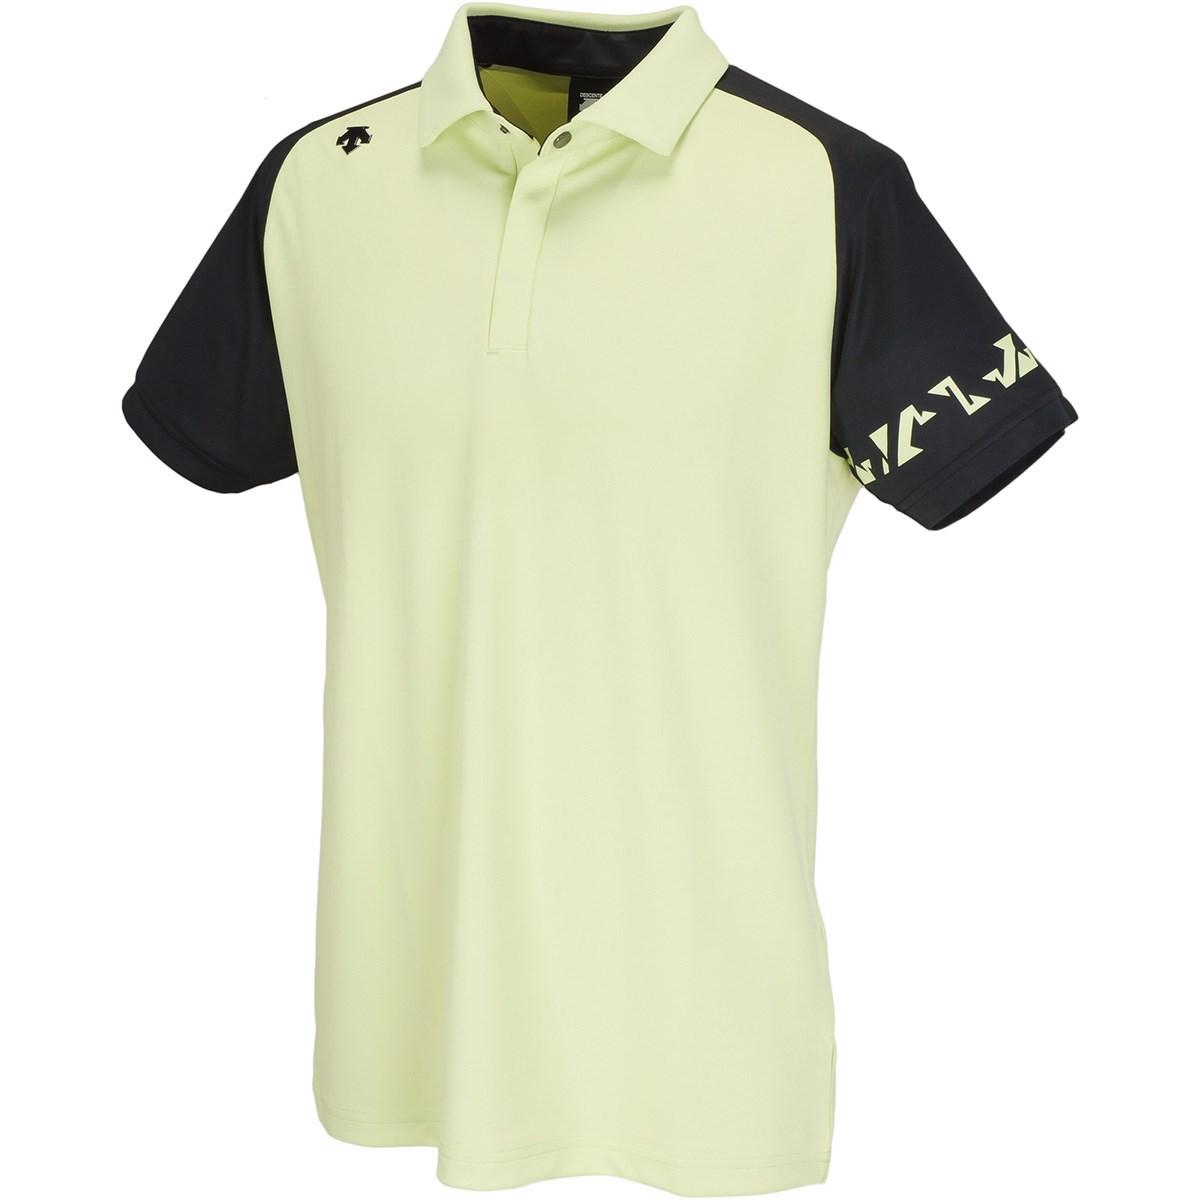 デサントゴルフ(DESCENTE GOLF) トリアセテートリバース鹿の子 半袖ポロシャツ